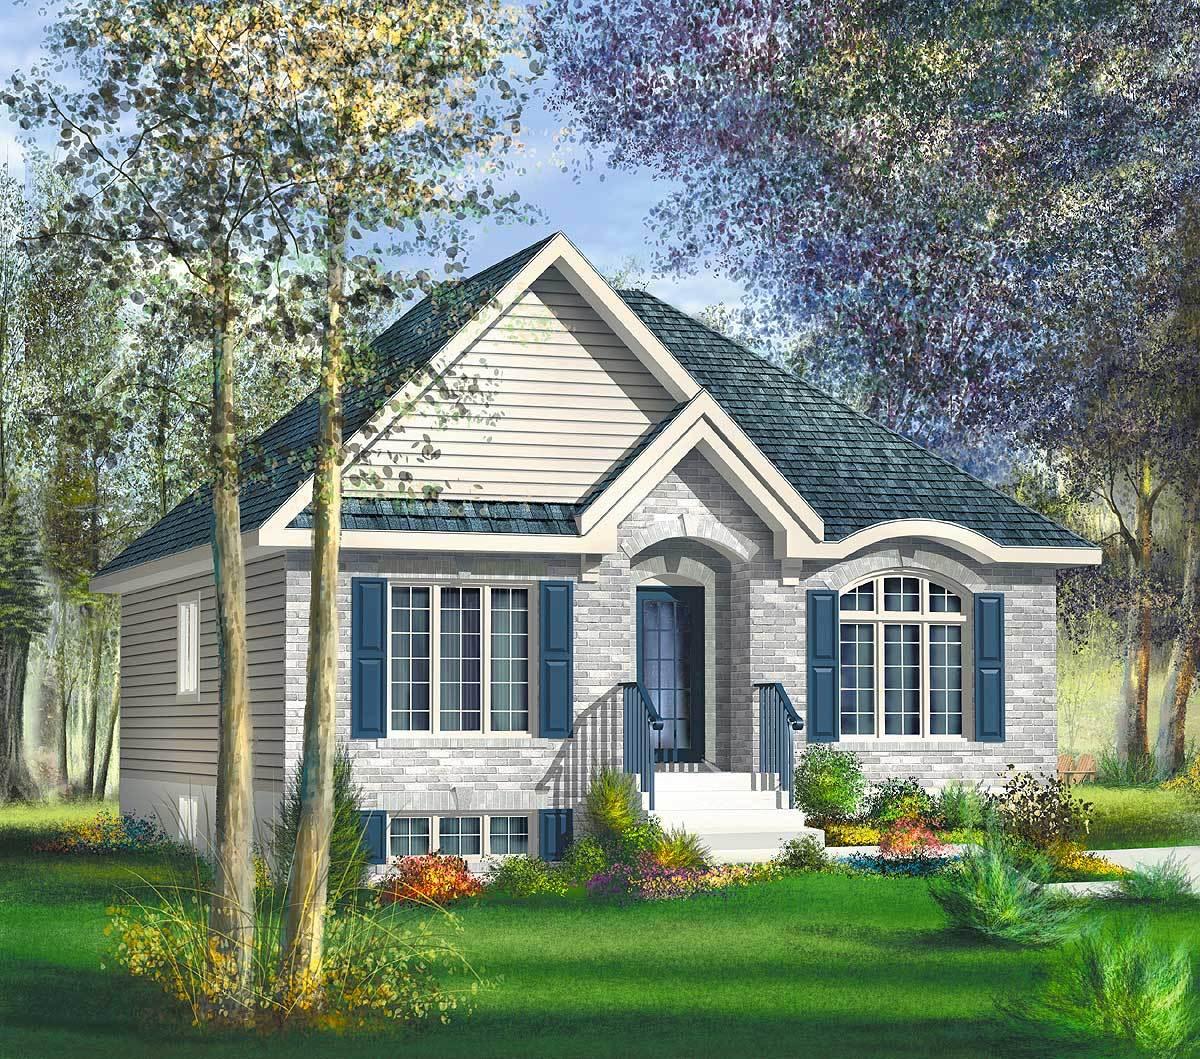 Cozy bungalow cottage 80401pm architectural designs for Cozy house plans